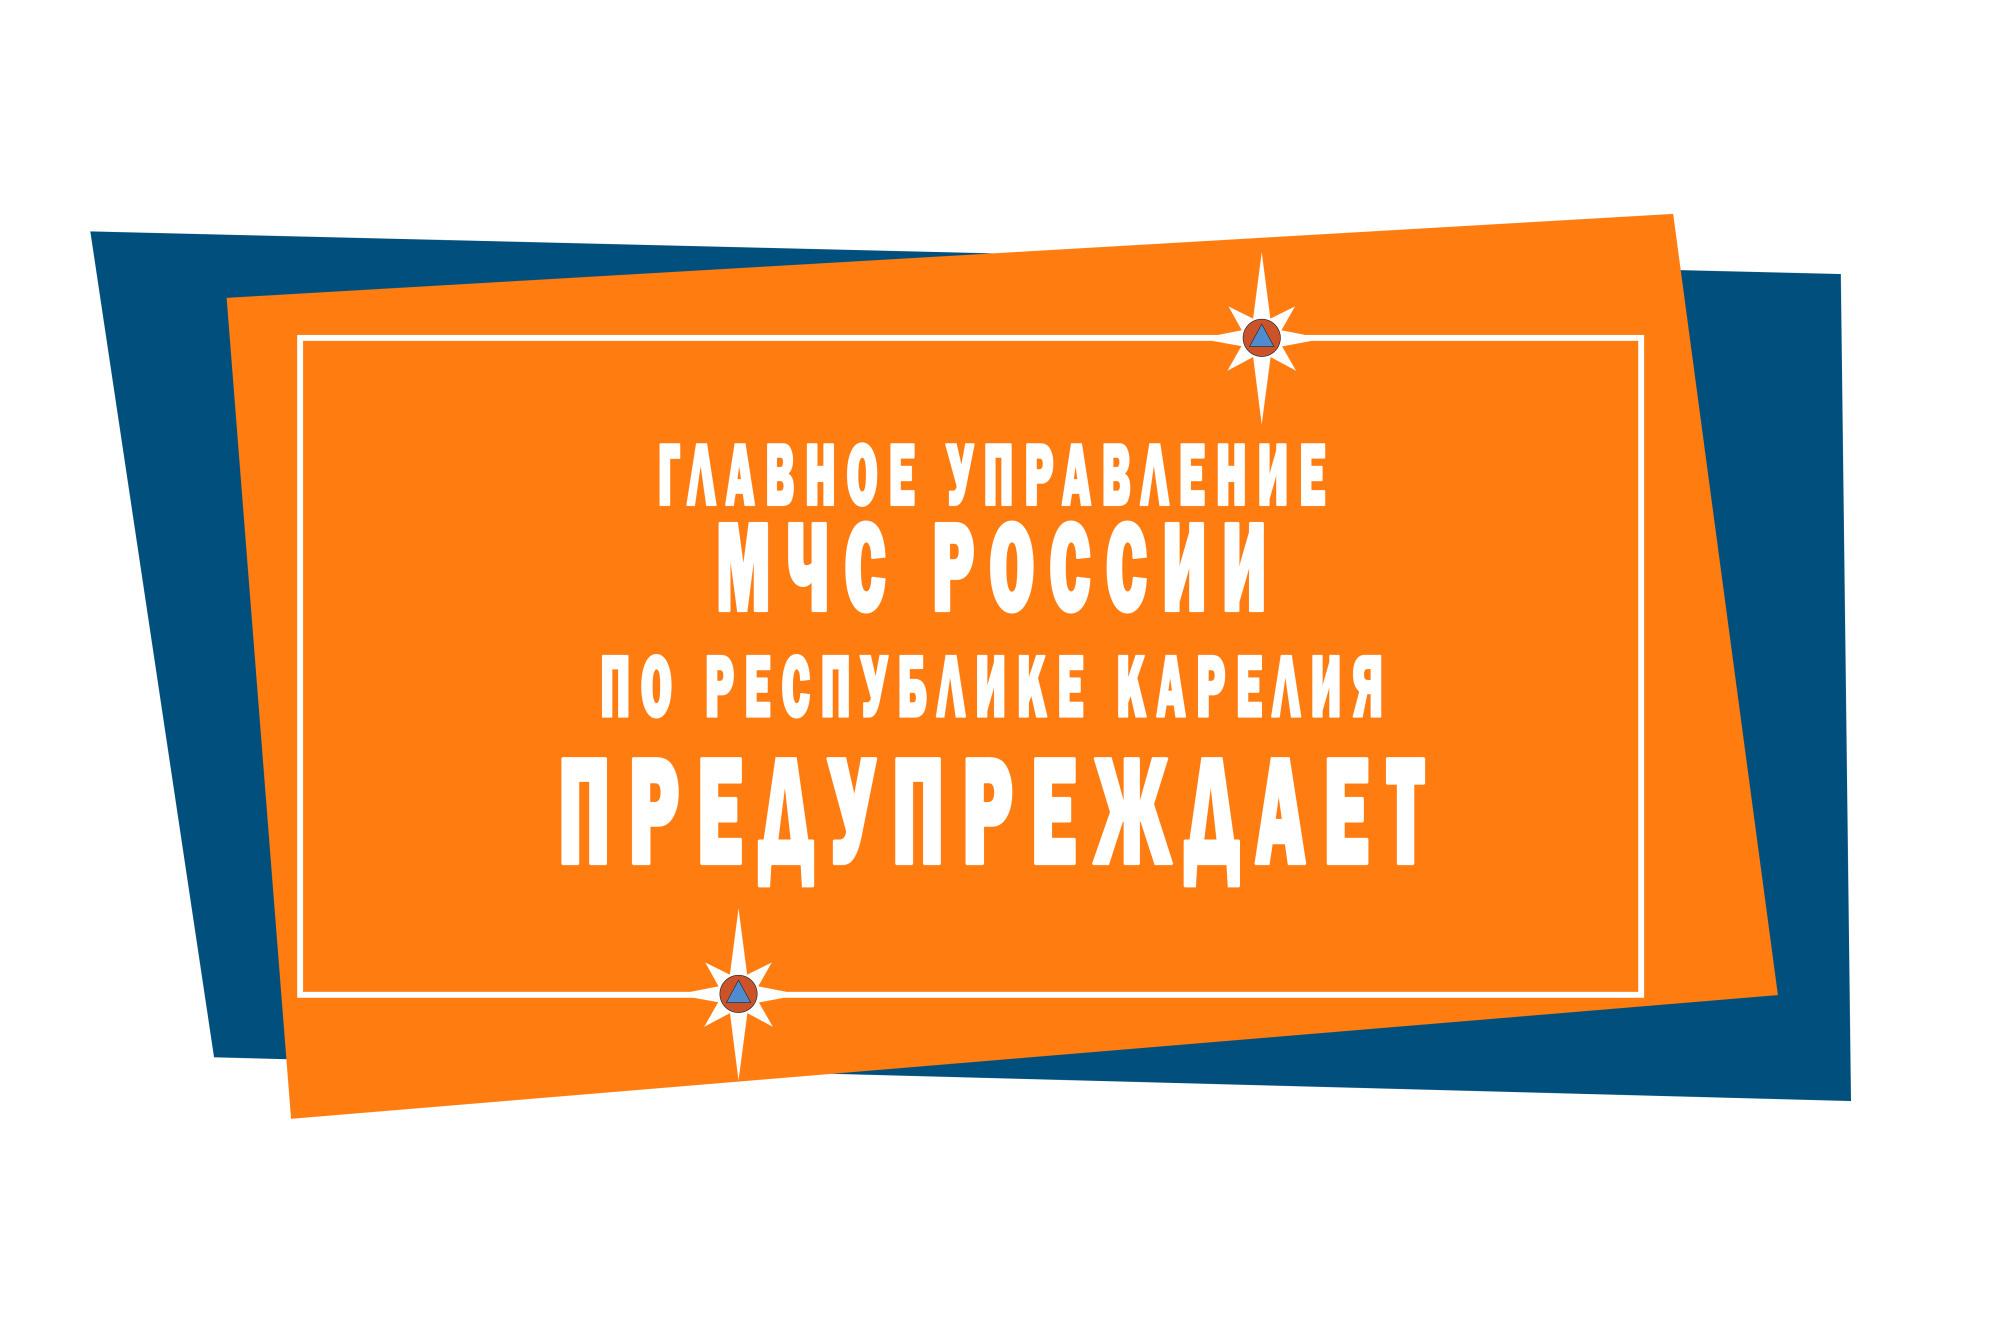 Неблагоприятное гидрометеорологическое явление на территории Республики Карелия на 31 августа 2021 года.